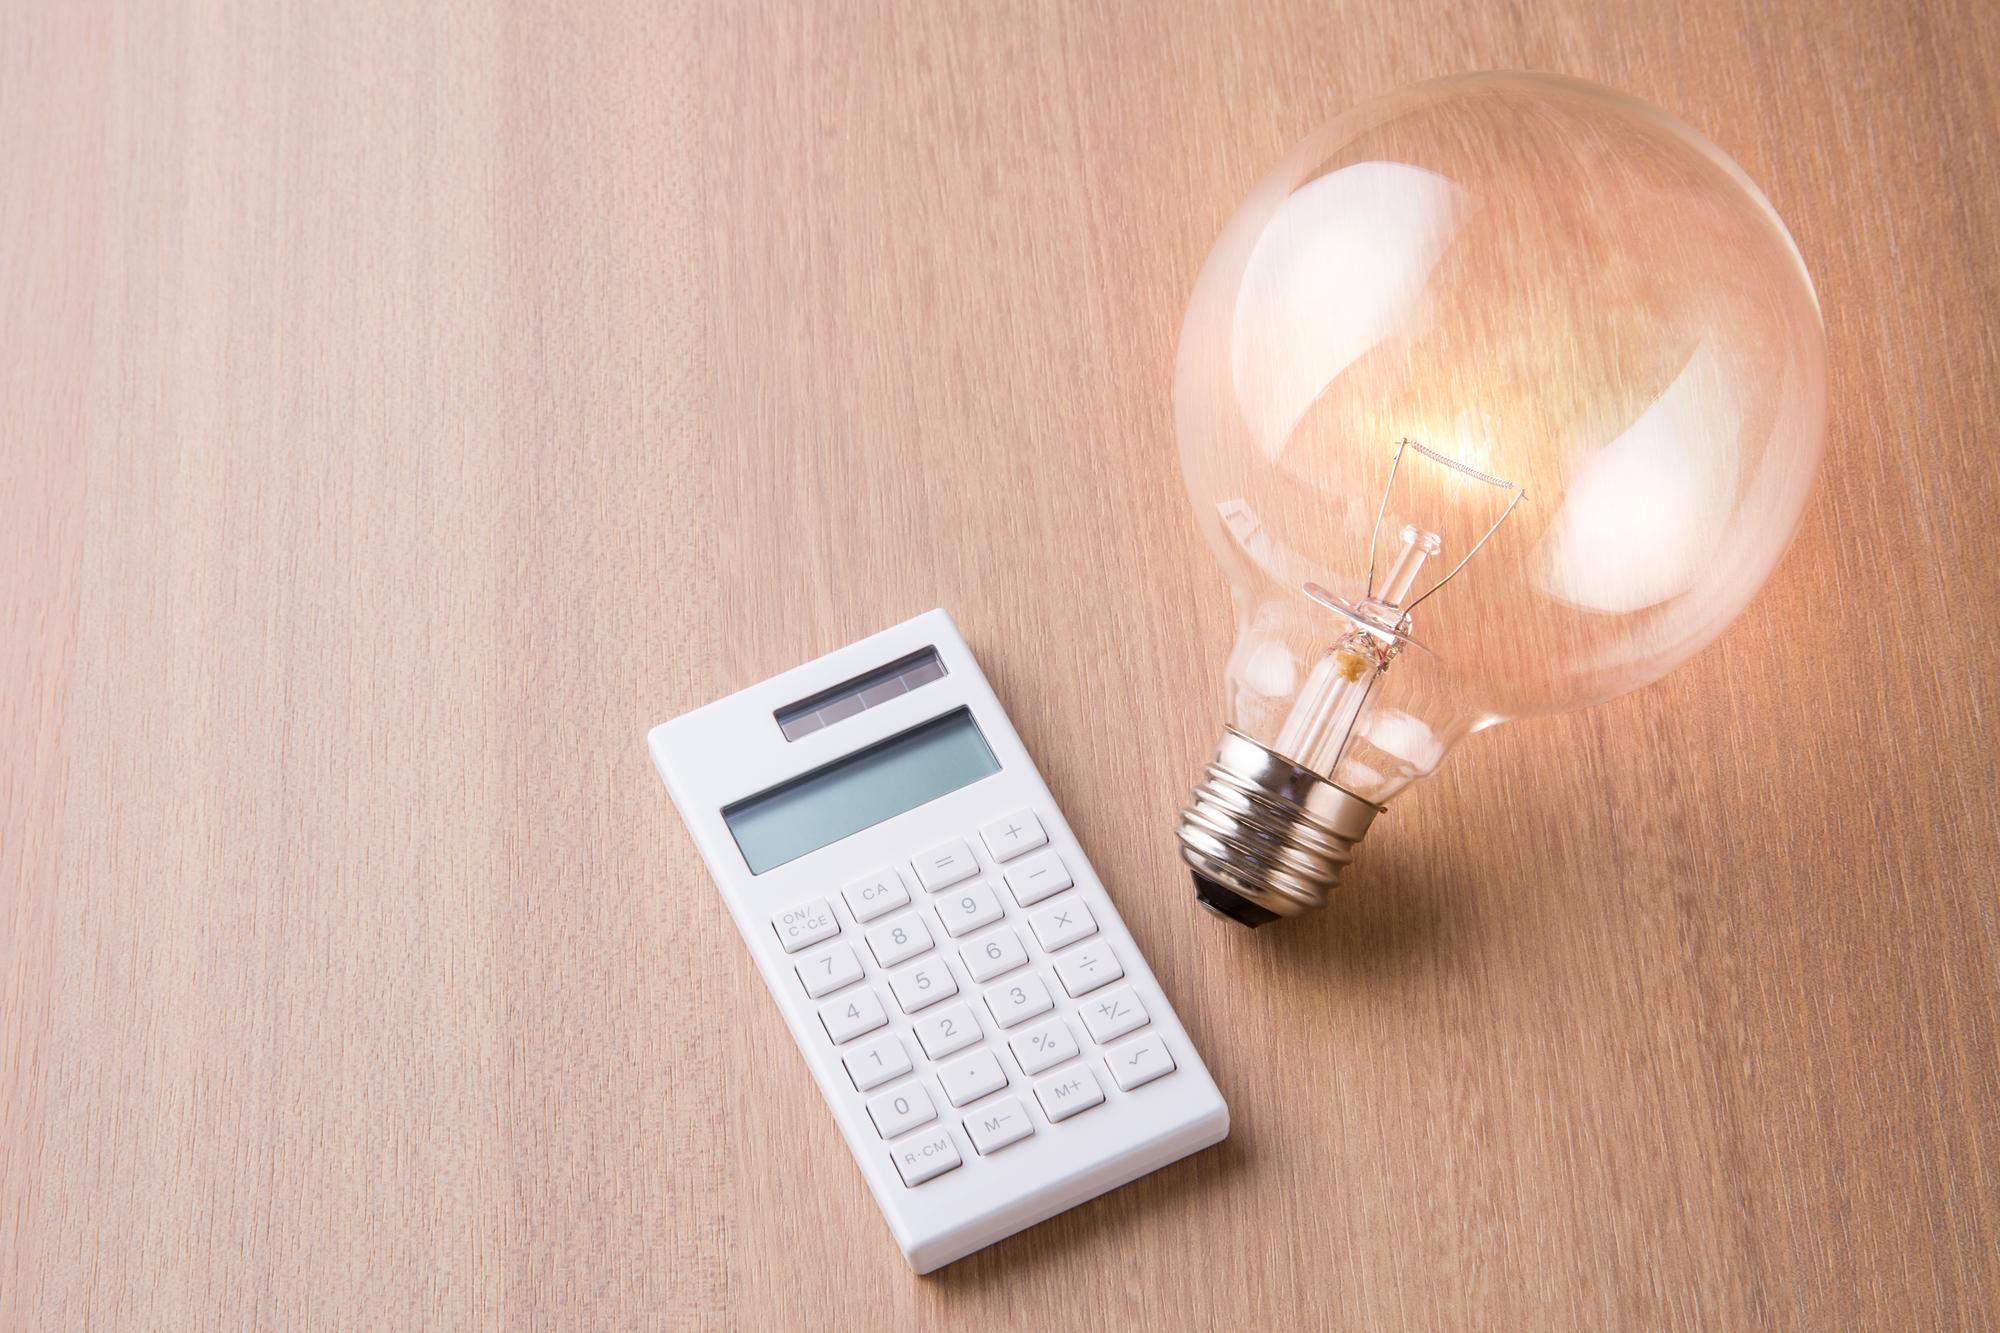 使用 量 電気 一人暮らし 一人暮らしの電気使用料って何KWh?平均値を知って節制しよう!